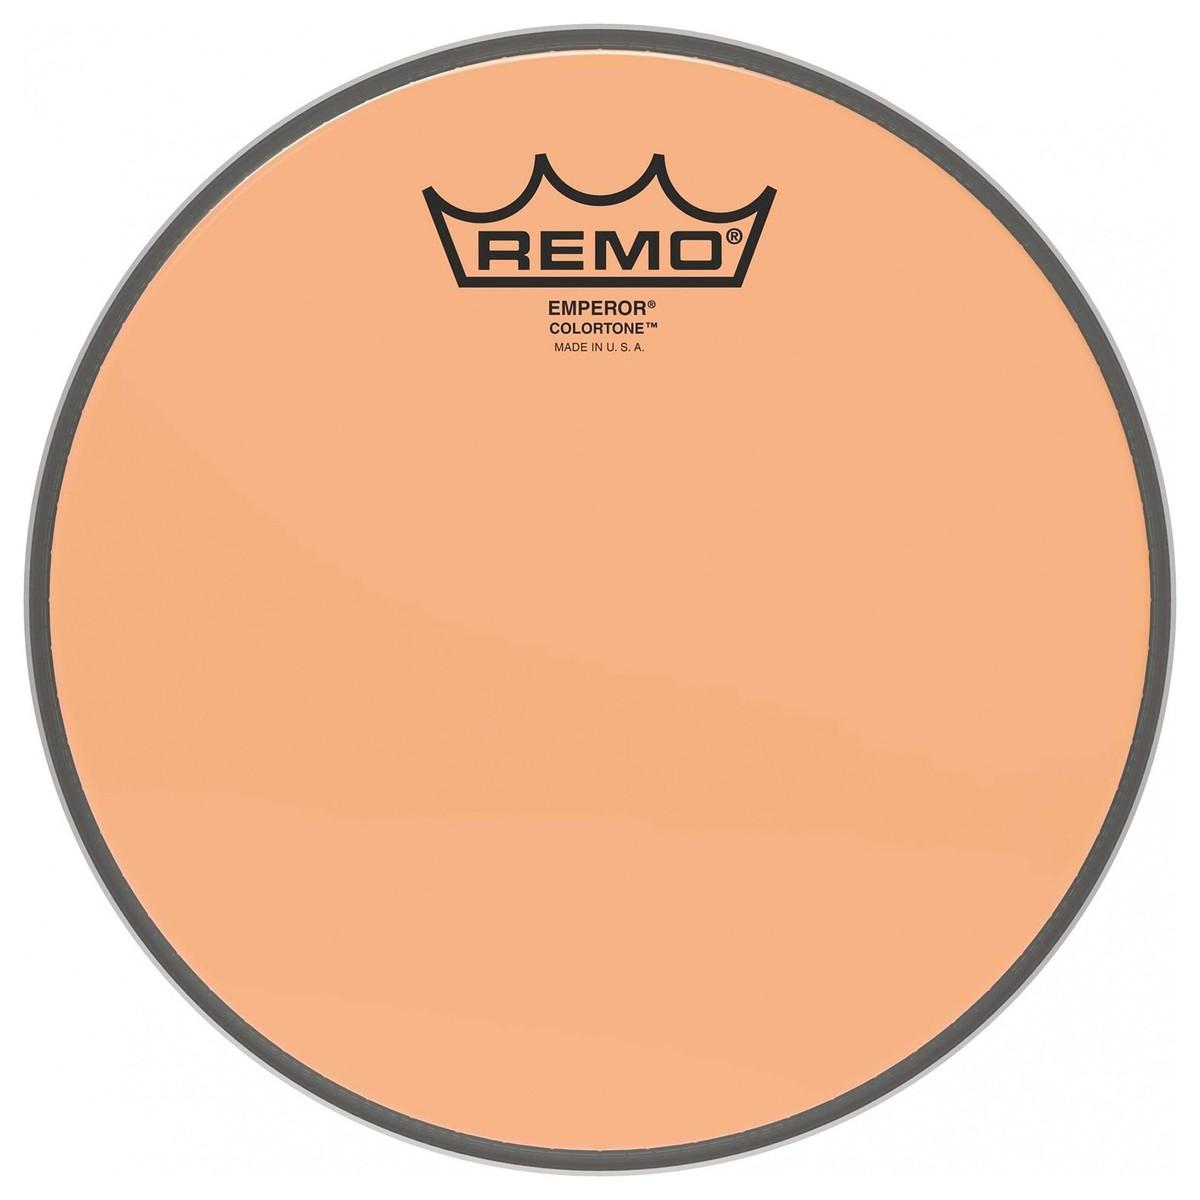 Remo Emperor Colortone Orange 15 Drum Head